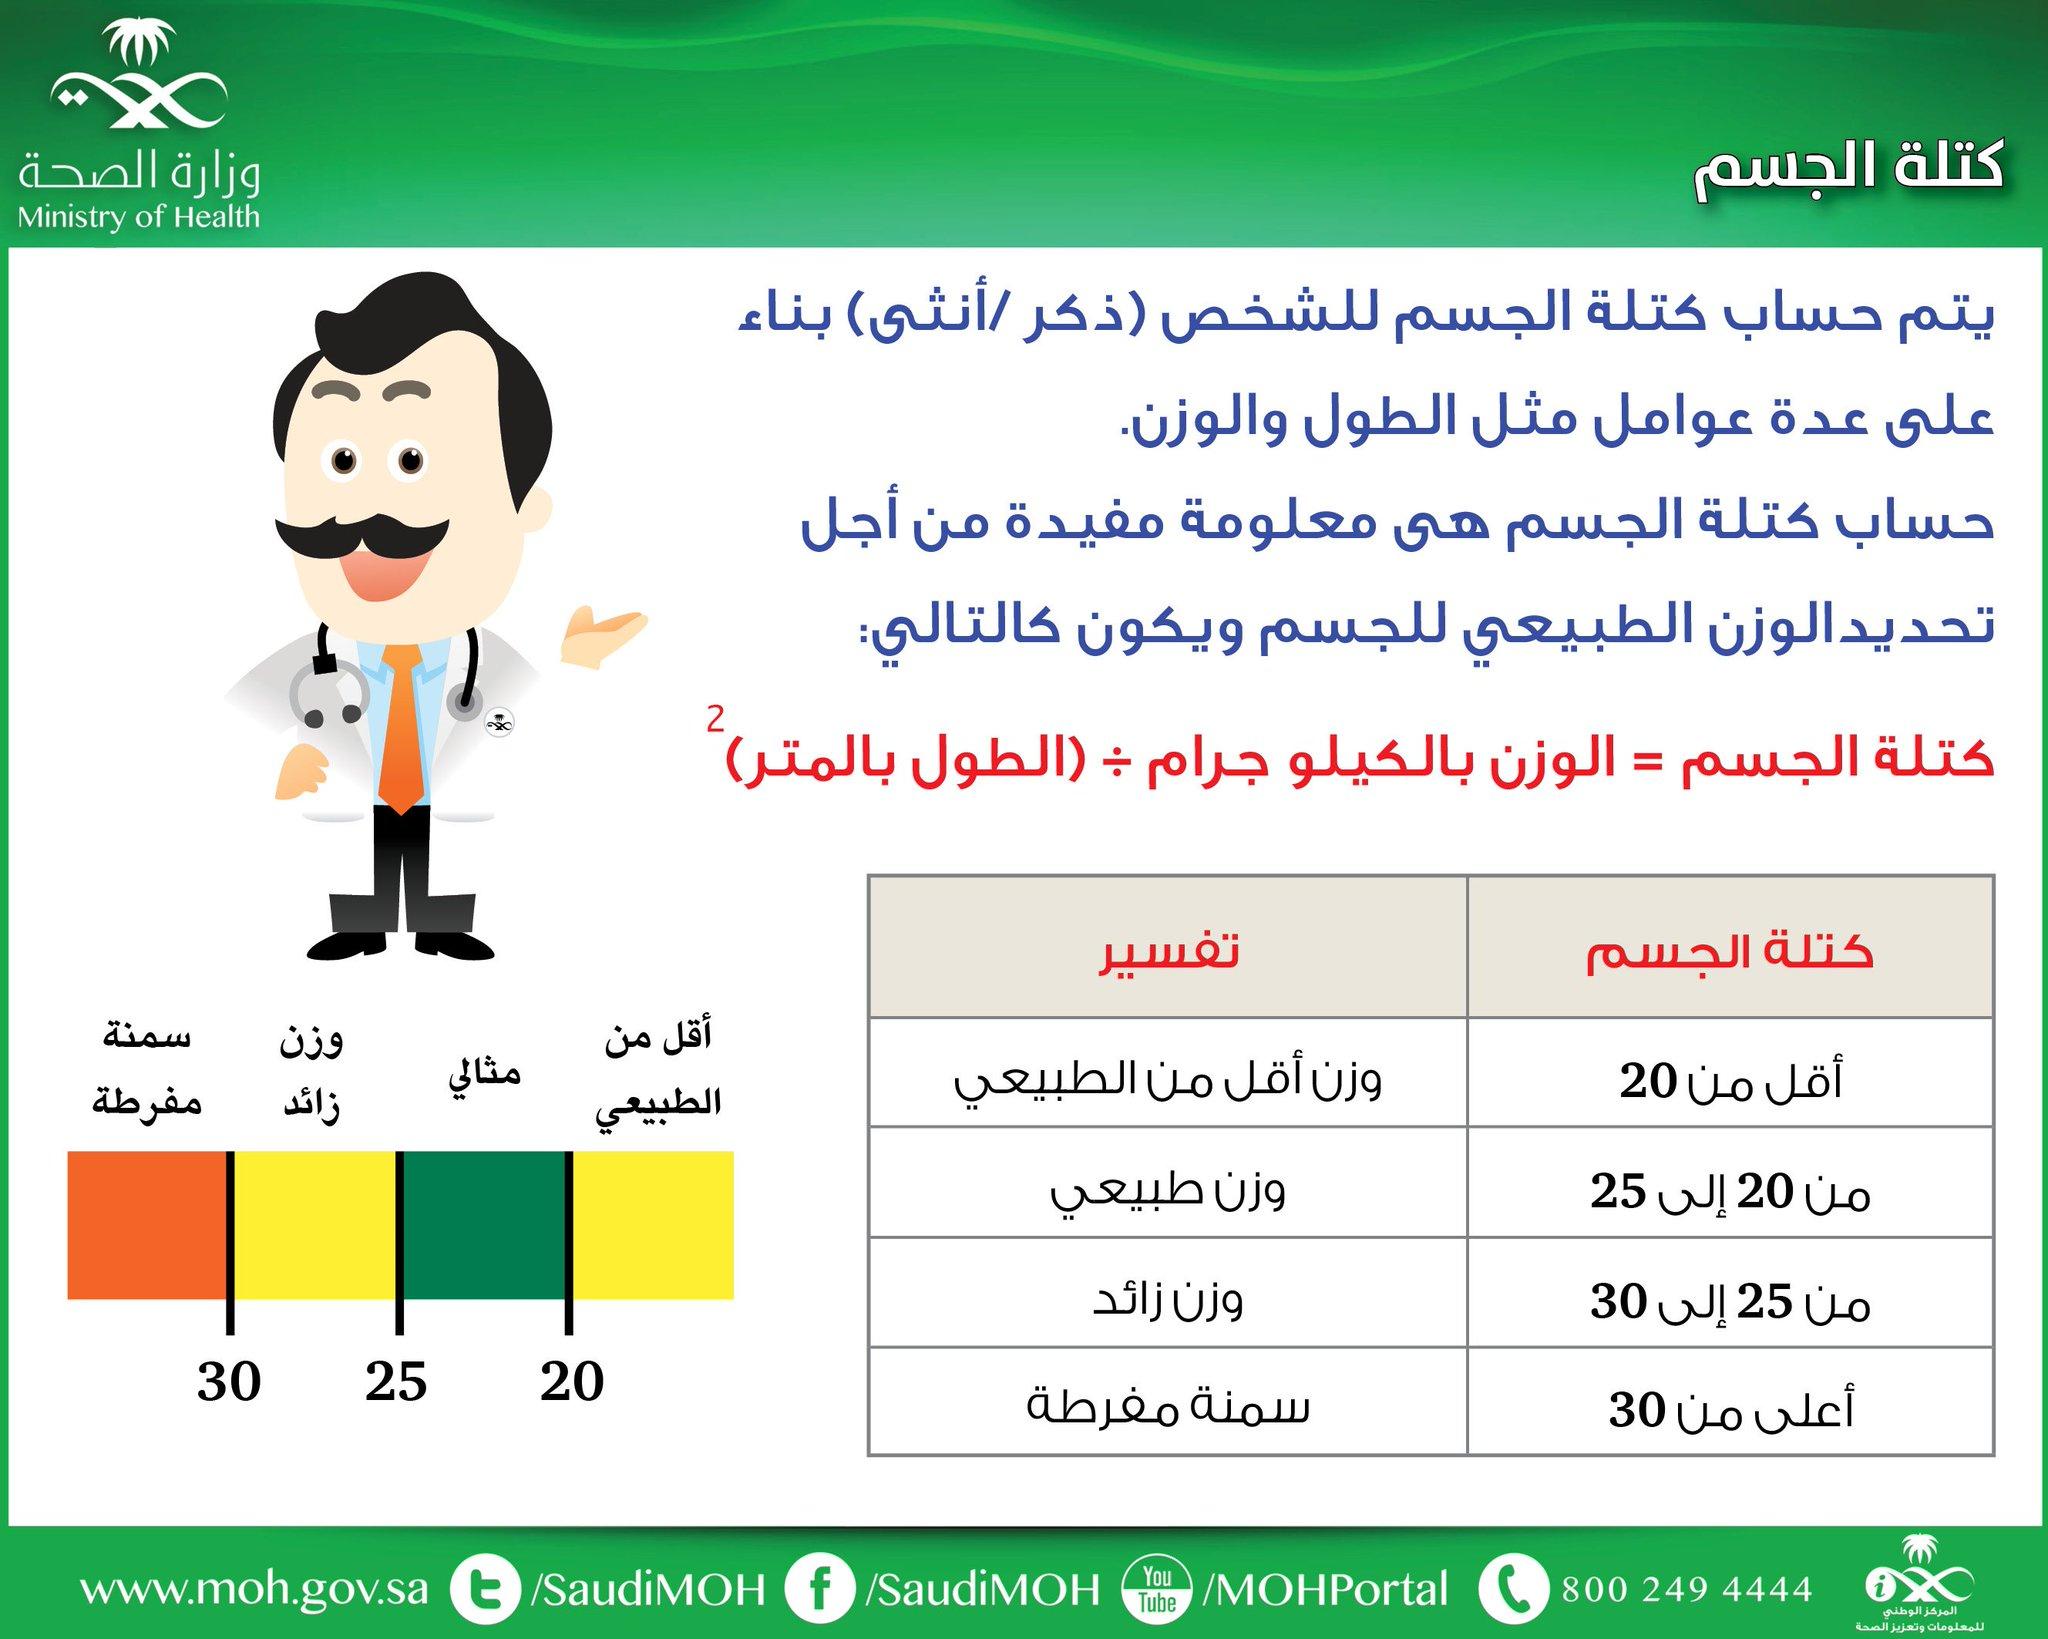 و ز ا ر ة ا لـ صـ حـ ة السعودية On Twitter حساب كتلة الجسم يفيد في تحديد الوزن الطبيعي للجسم توعية صحة